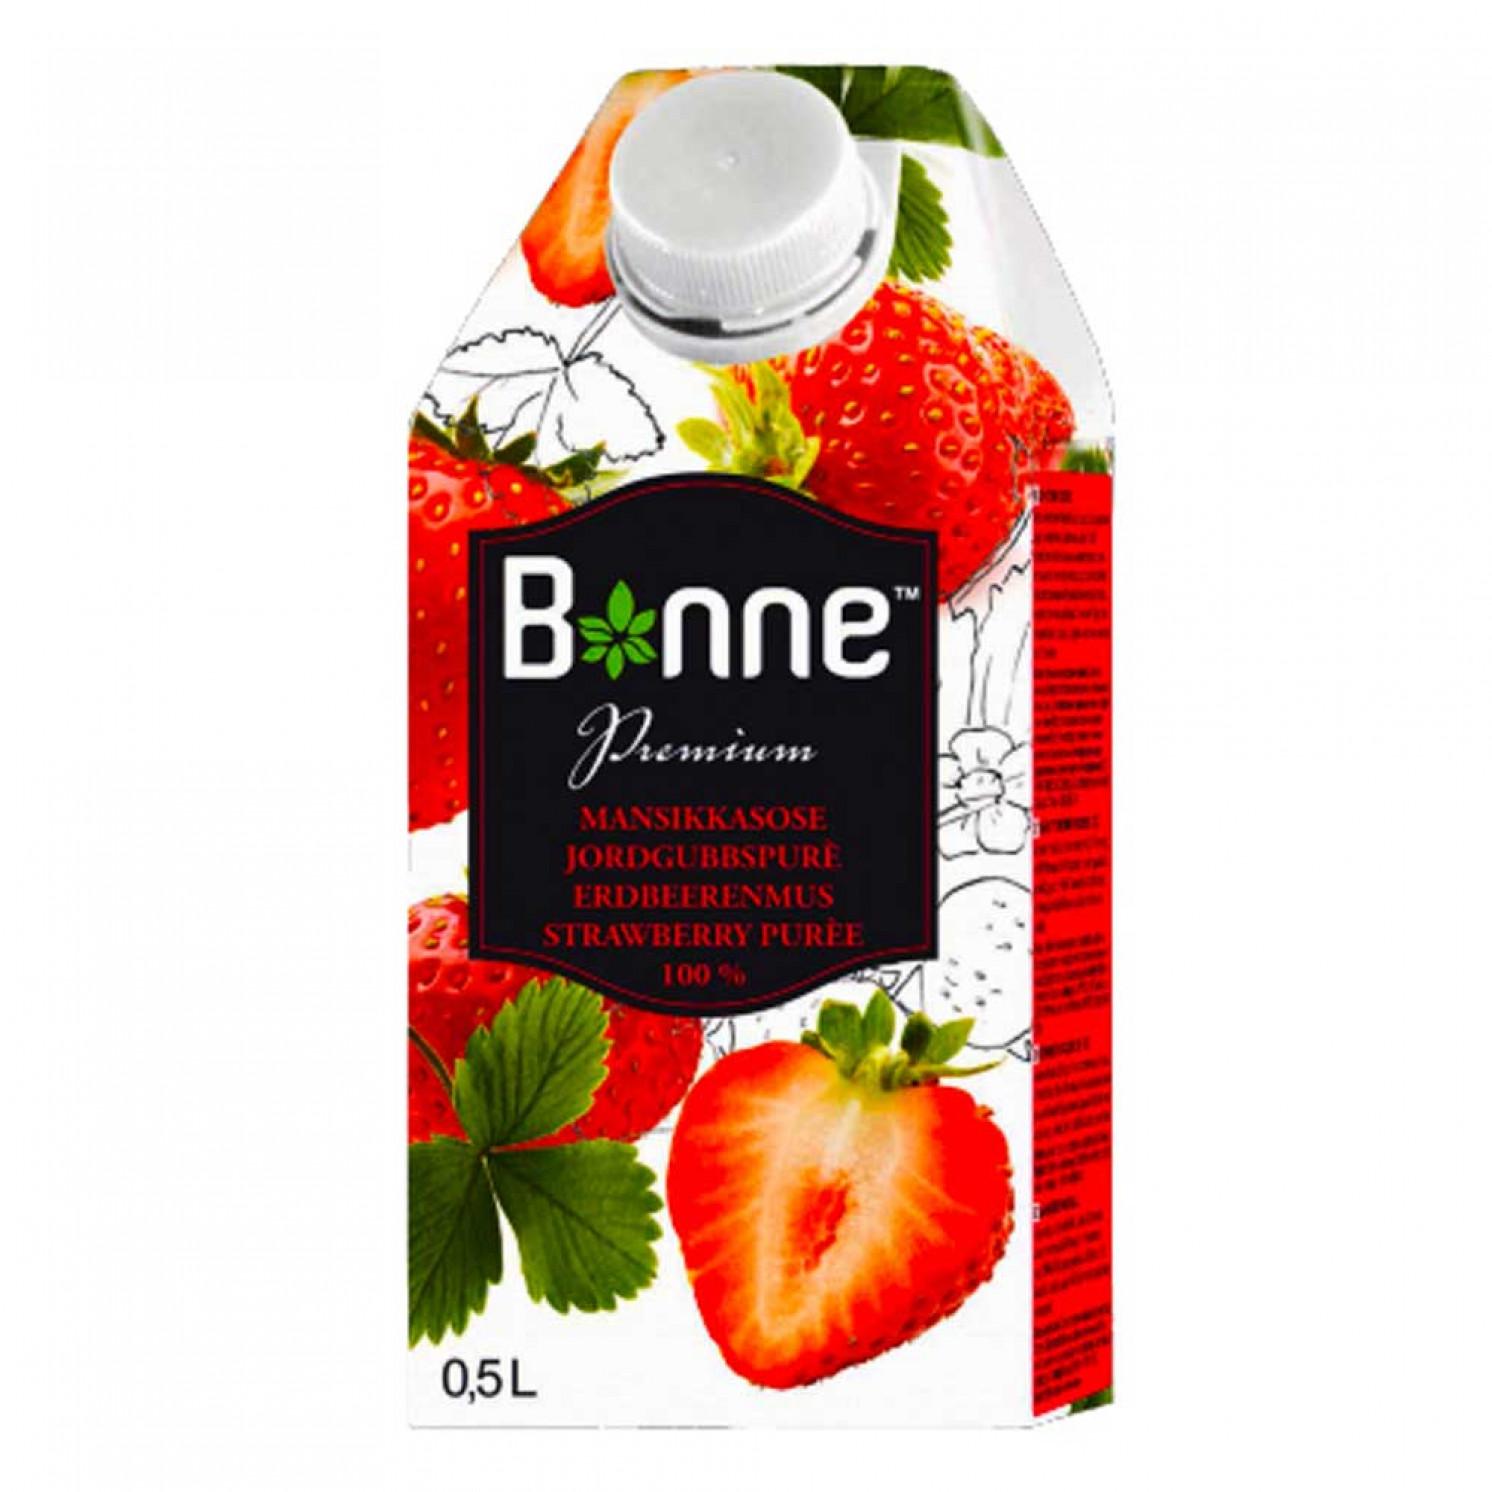 Клубничное пюре Bonne 0,5 л